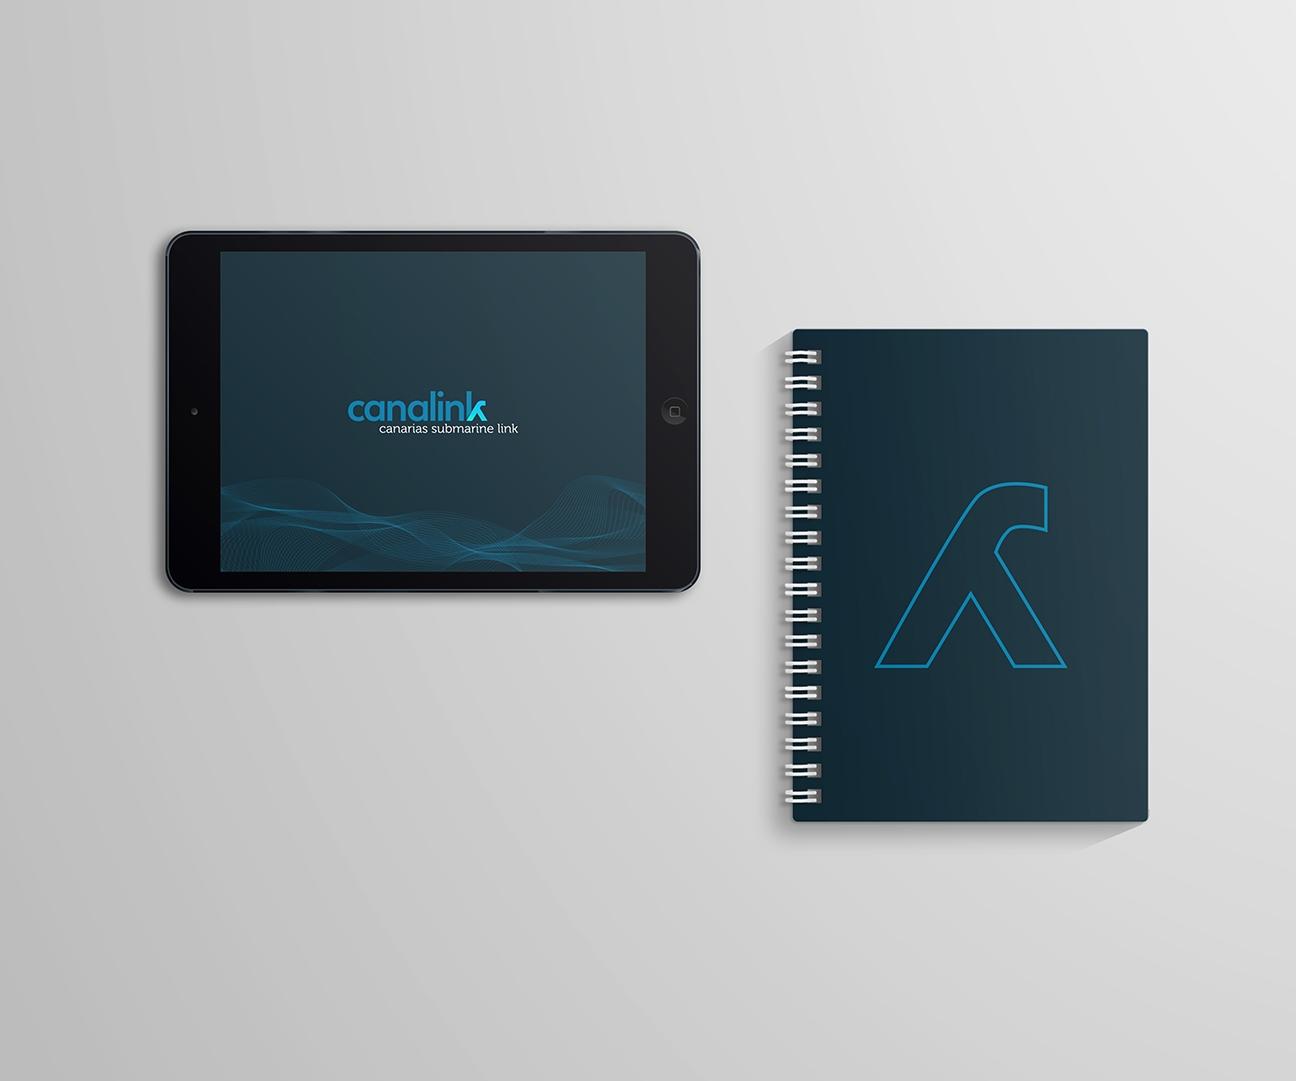 iPad y libreta / bloc de notas con la identidad visual de Canalink